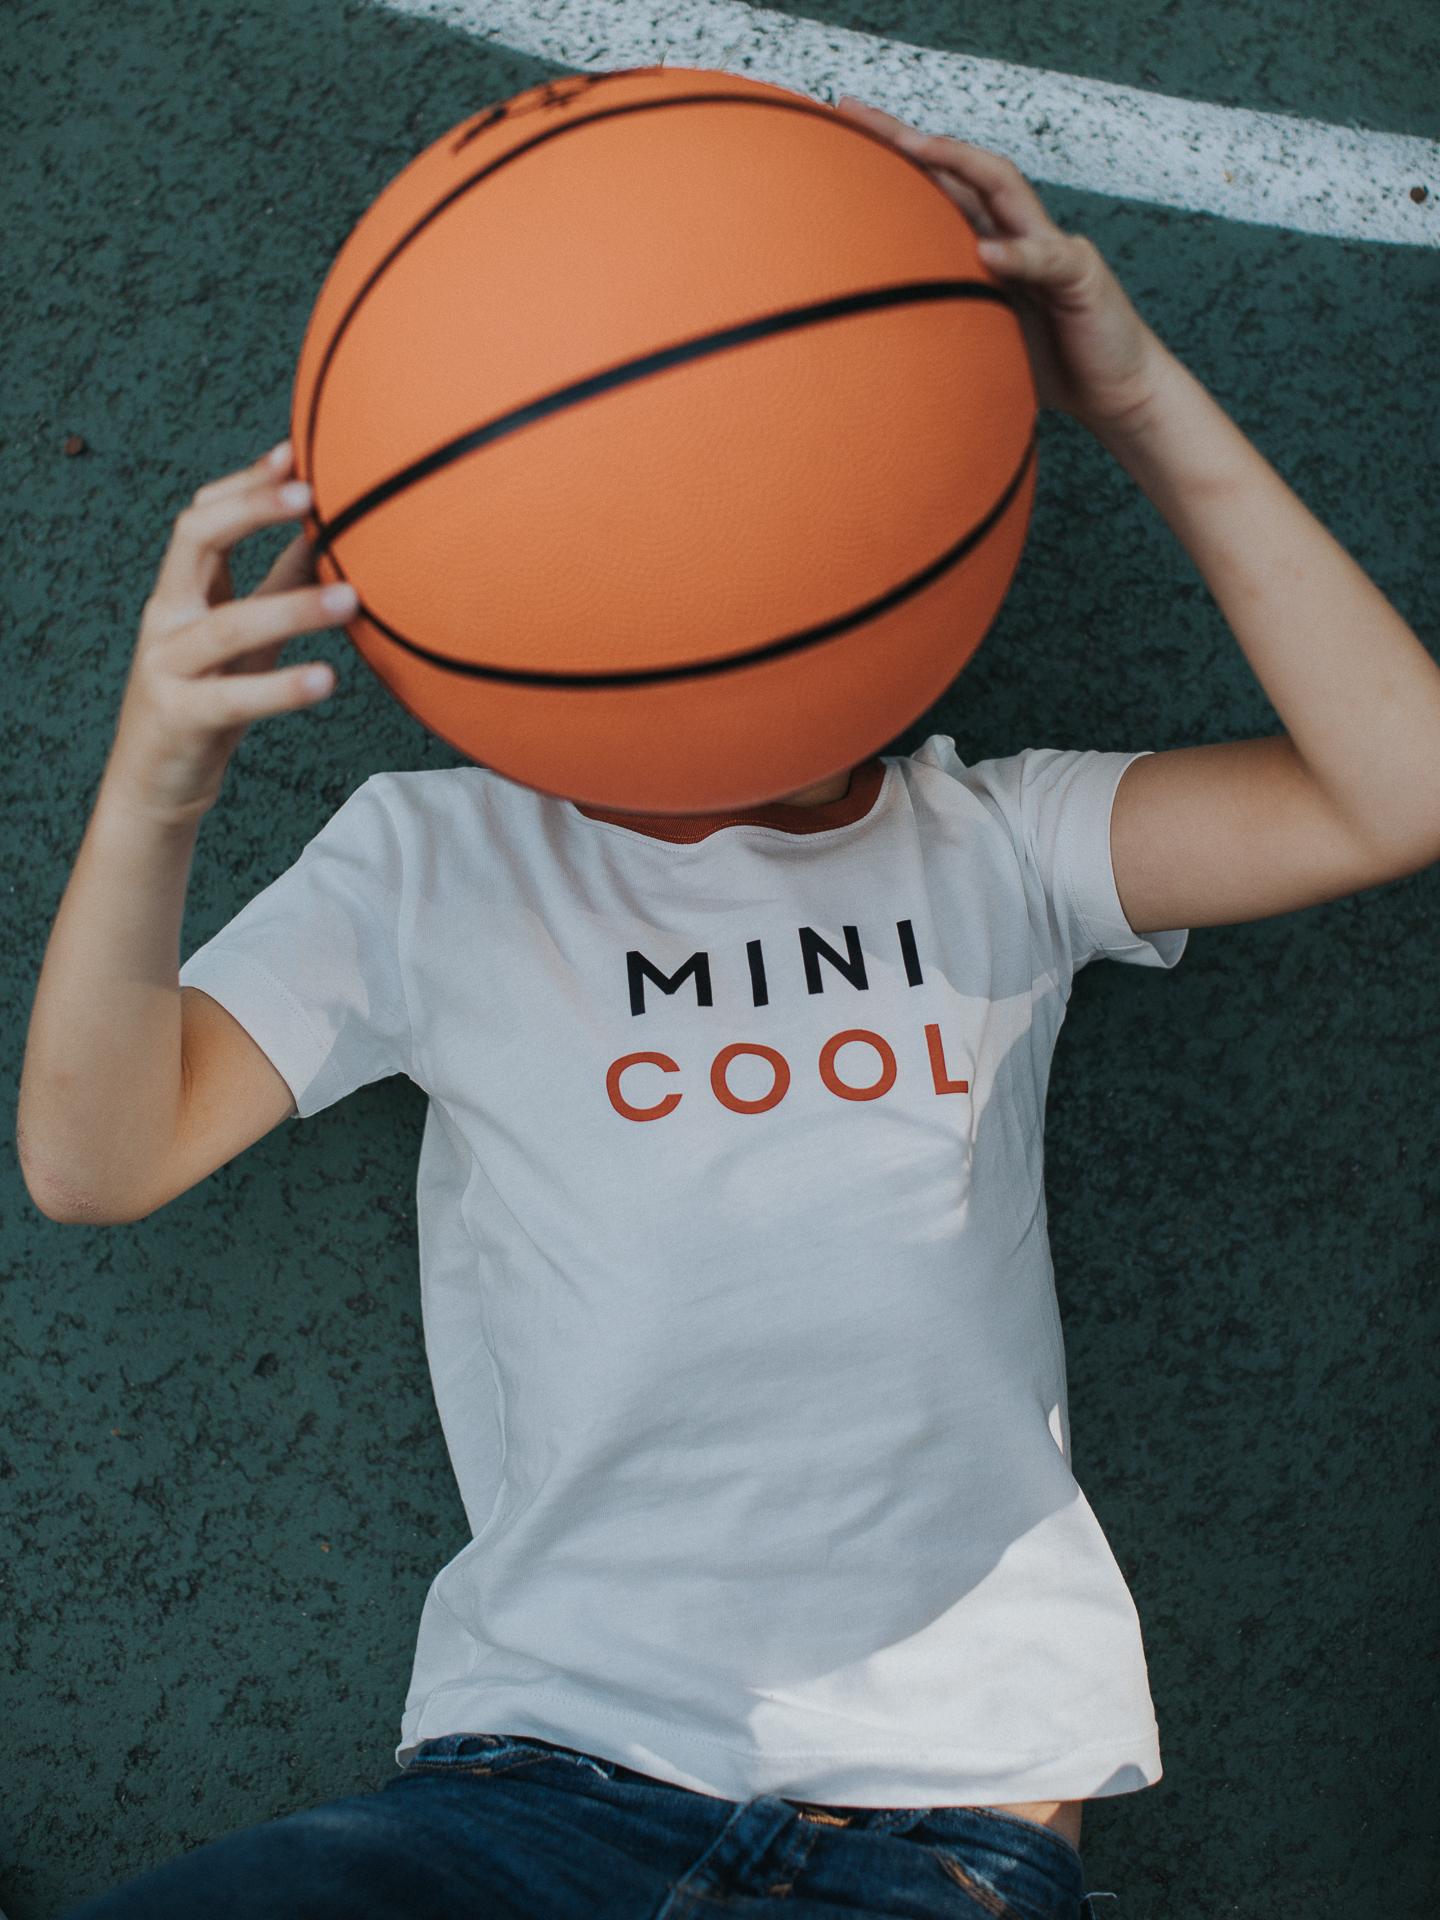 extra-louis-minicool2